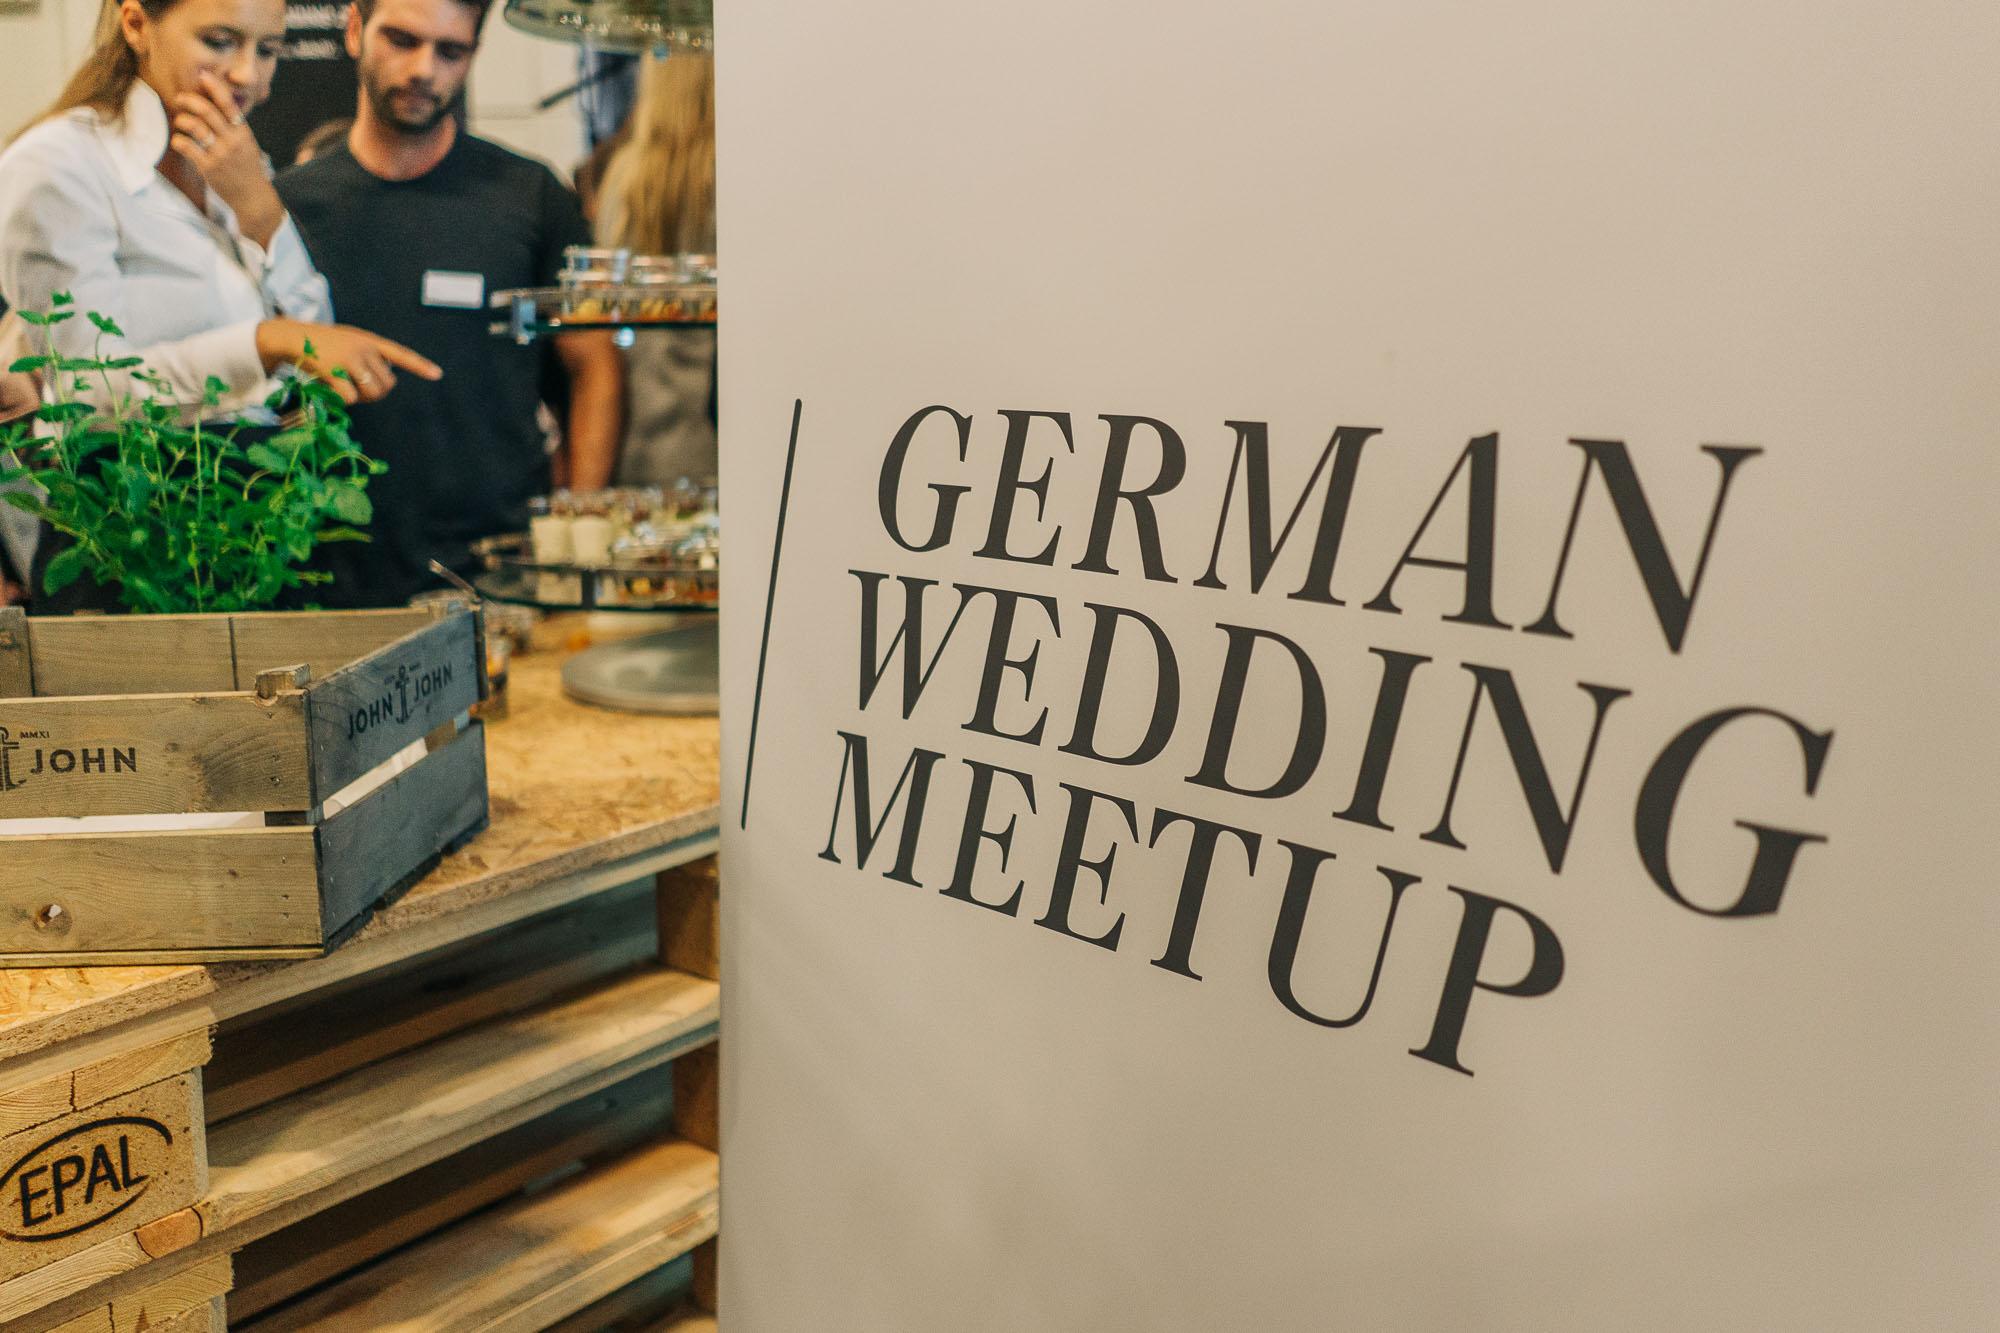 photokina und Wedding Zone 2018 in Köln - Bild 3 - German Wedding Meetup